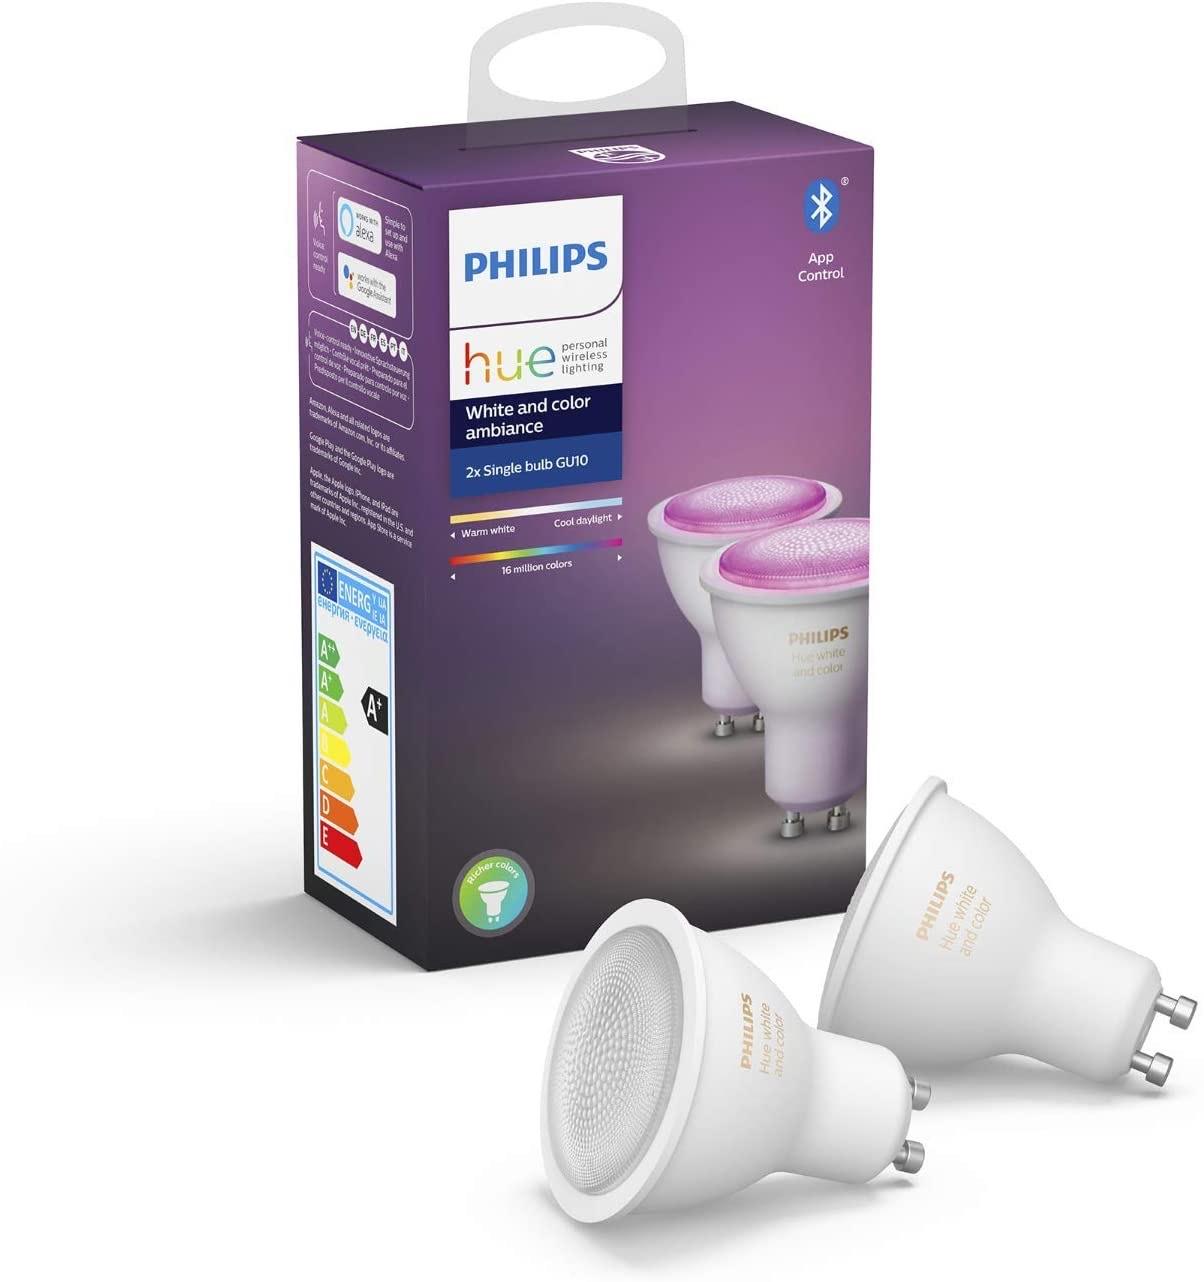 (lokal, vereinzelte Filialen) 2er Set Philips Hue LED-Leuchtmittel-Set White & Color Ambiance GU10 für 70,18 Euro bei Bauhaus